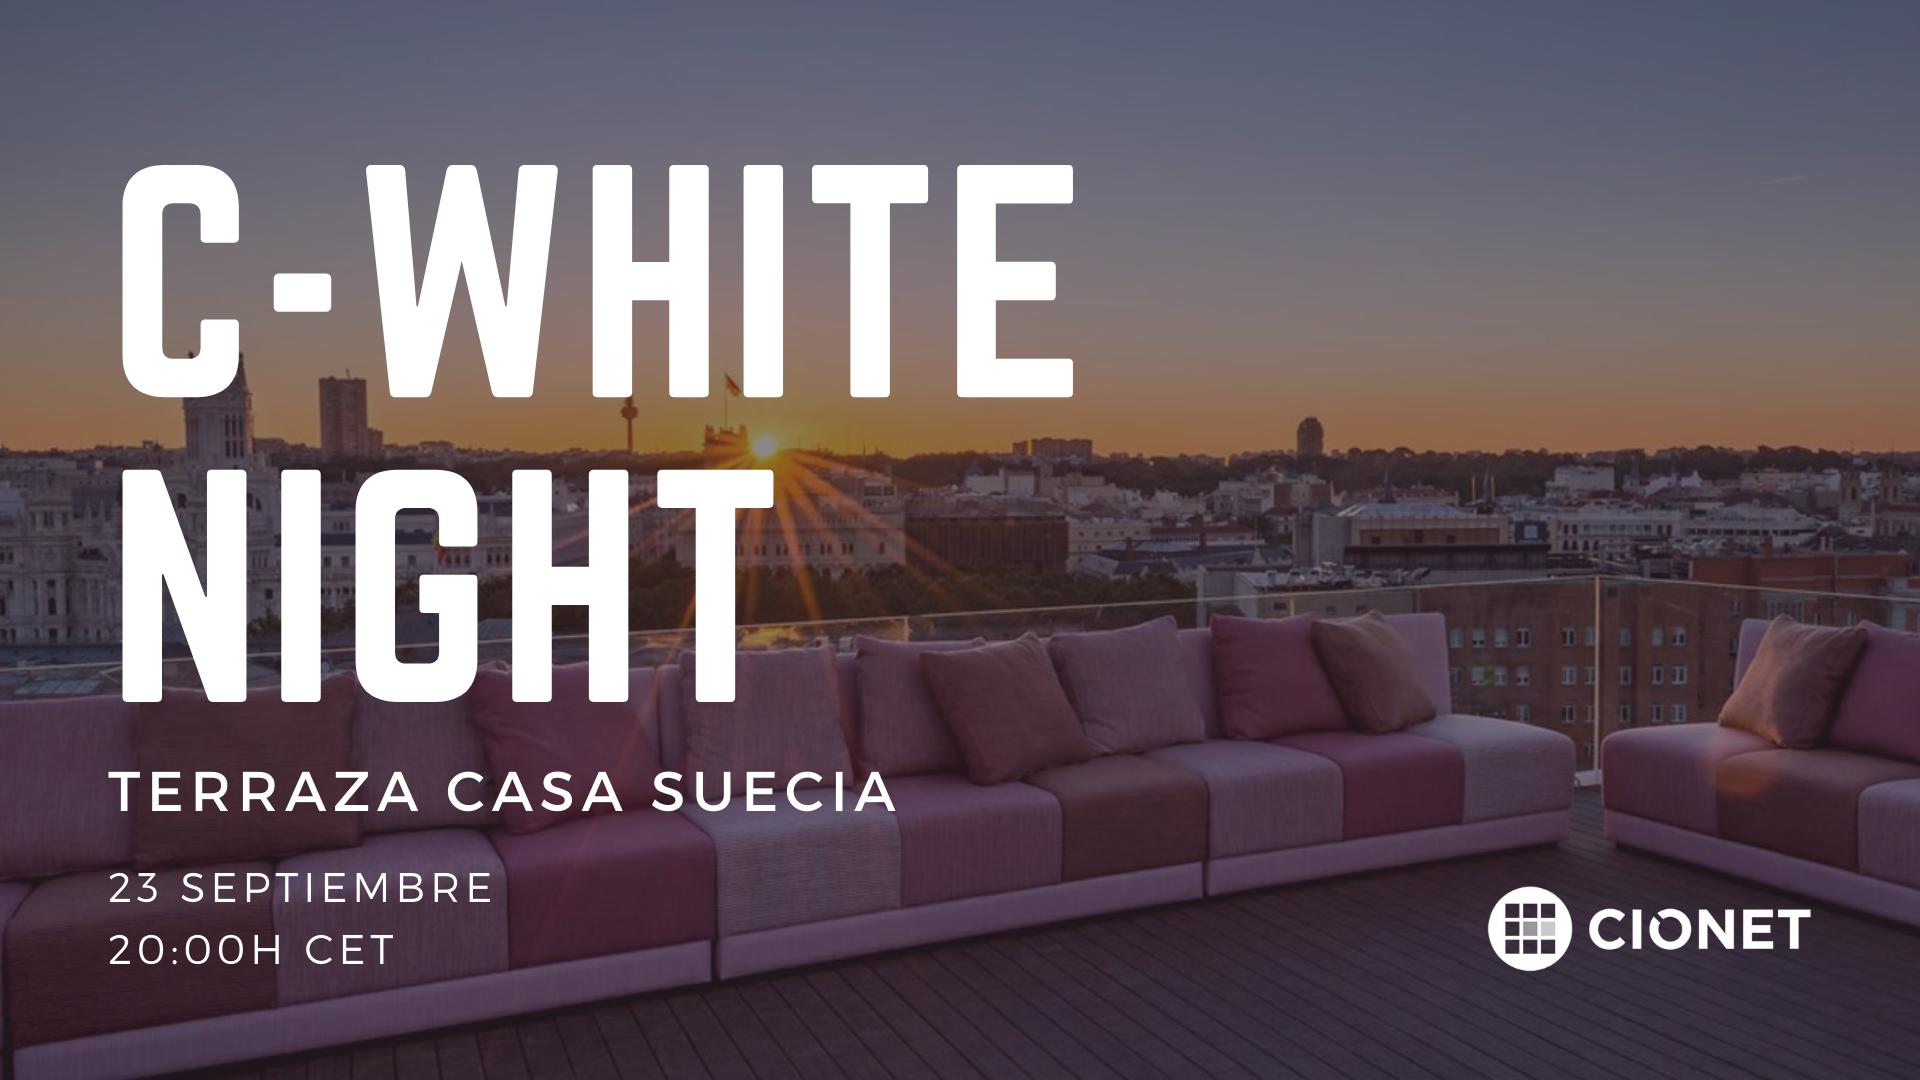 c-white night (1)